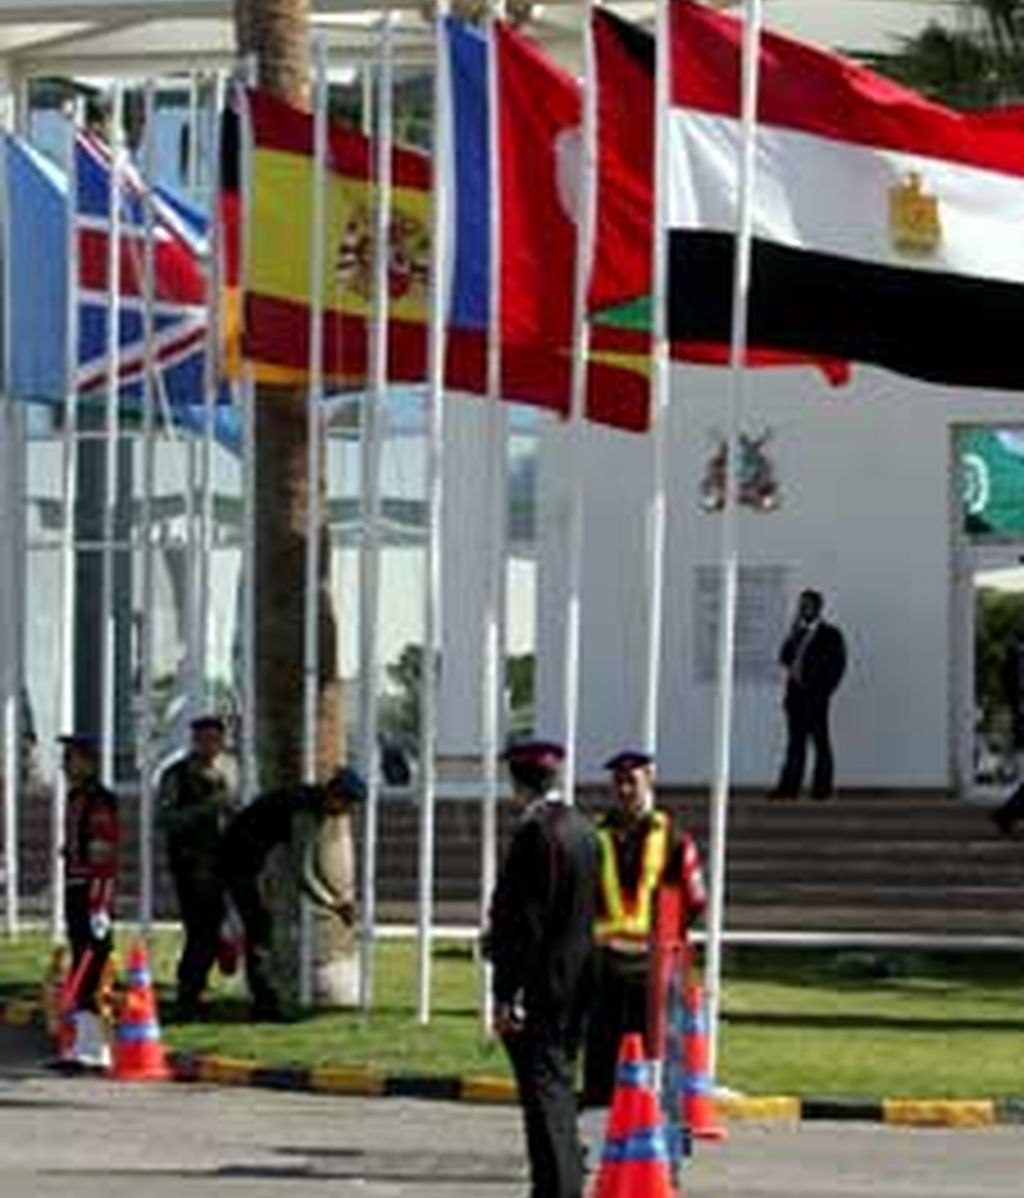 Varios soldados egipcios vigilan junto a las banderas de los países que participan en una cumbre internacional que busca sumar esfuerzos en favor de la reconstrucción de Gaza. Foto: EFE